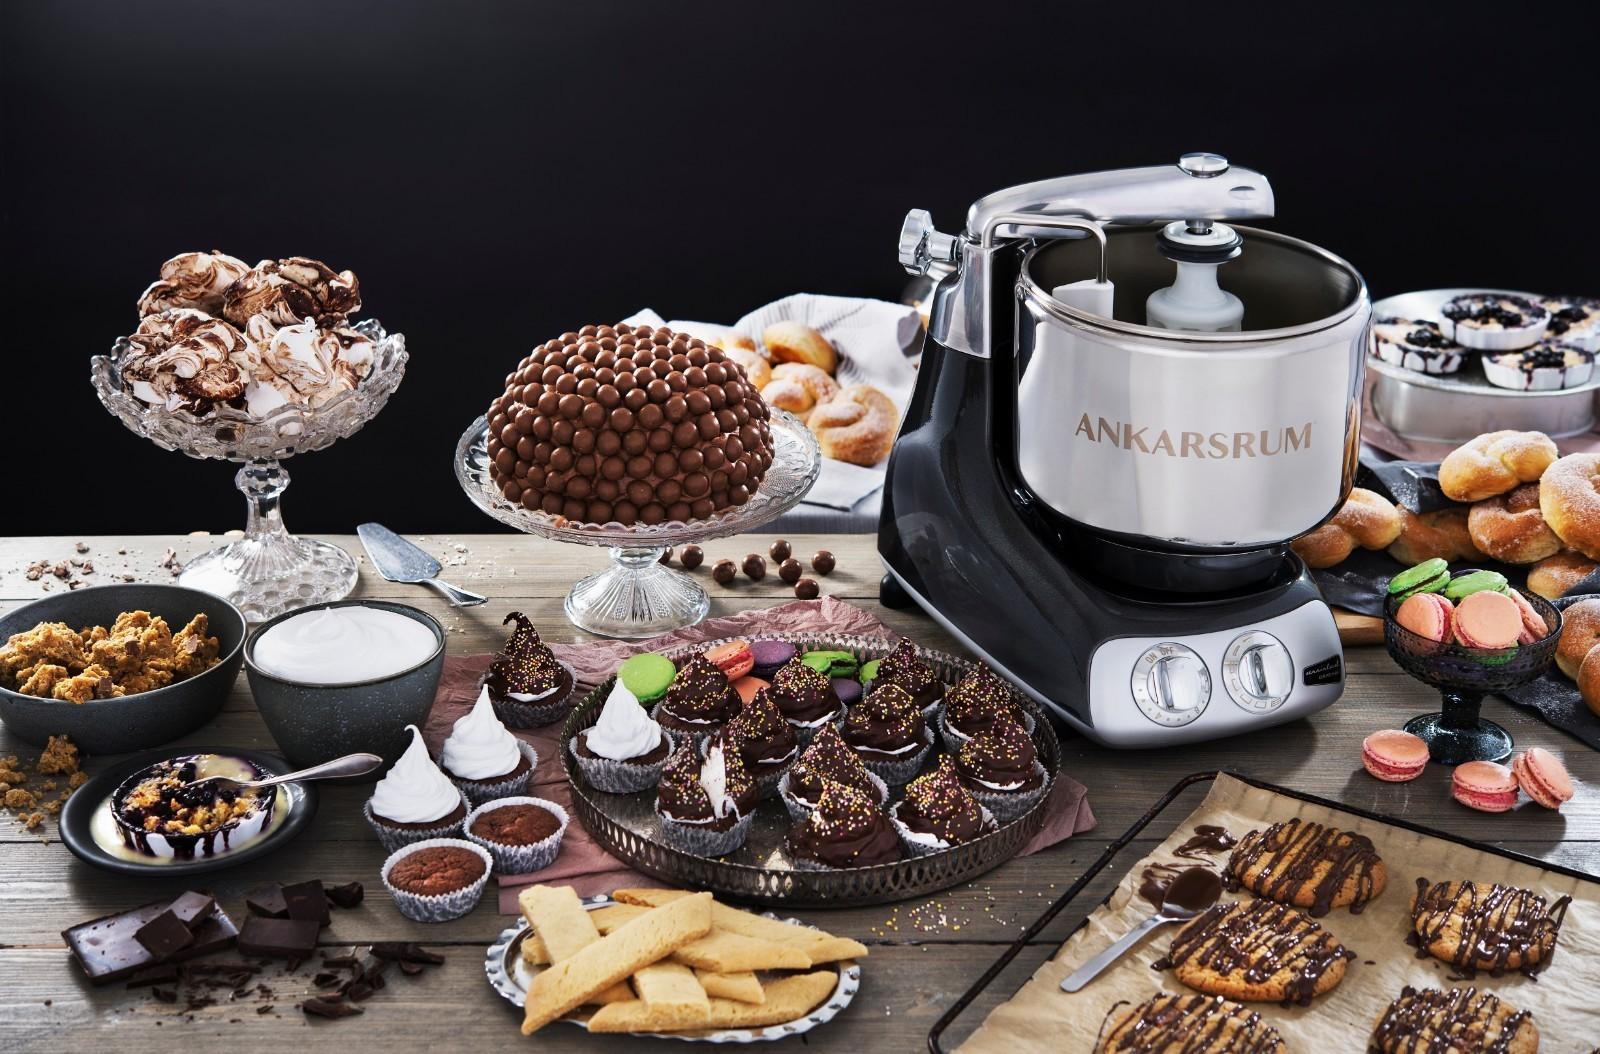 Ankarsrum奥斯汀厨师机,用家庭自制美食创造生活的意义